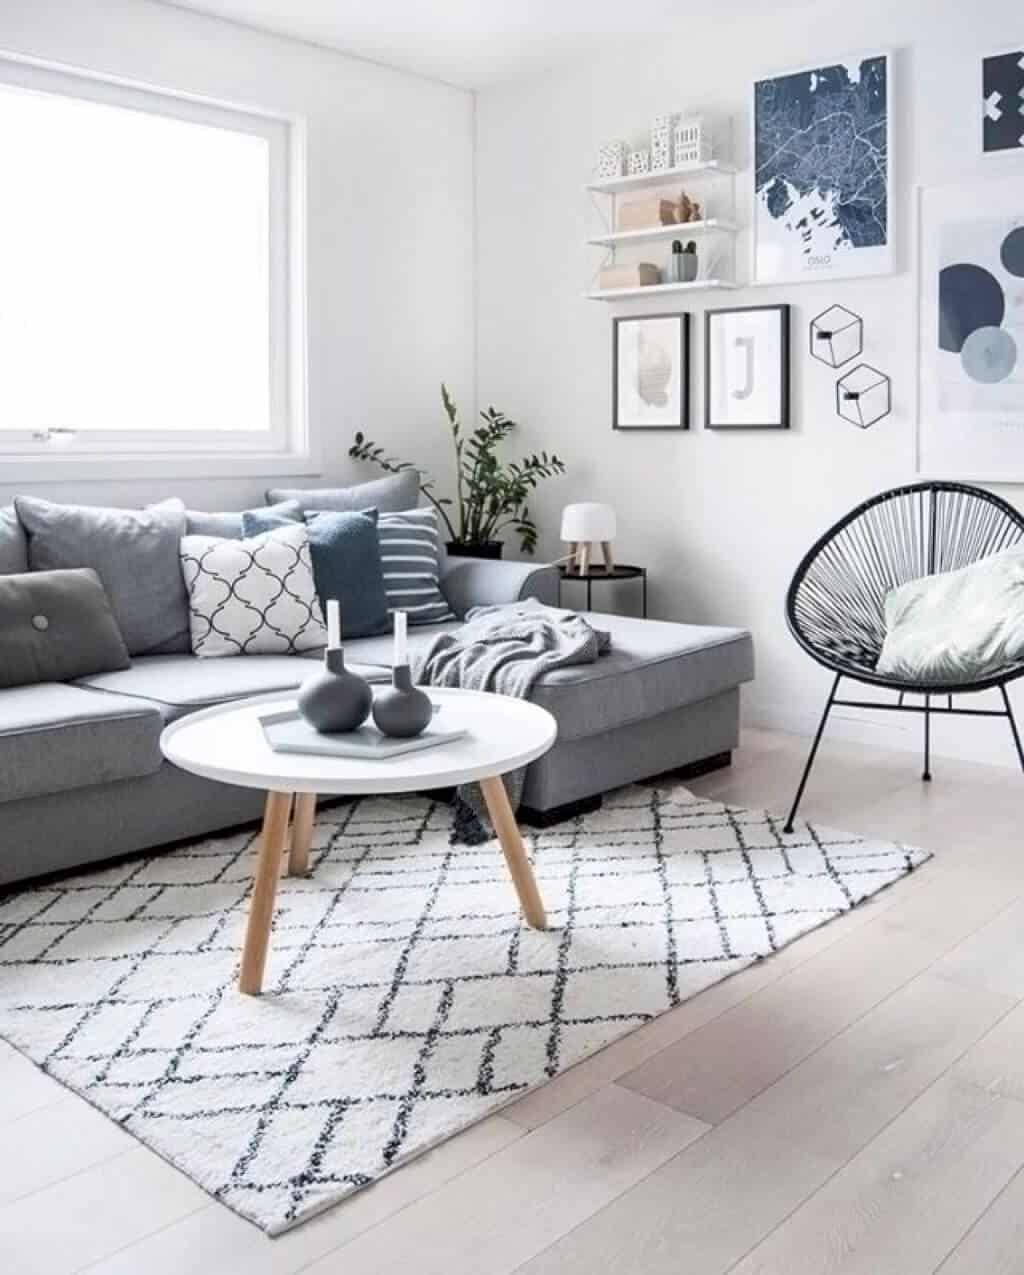 Scandinavian Living Room - Scandinavian Living Room Ideas 4